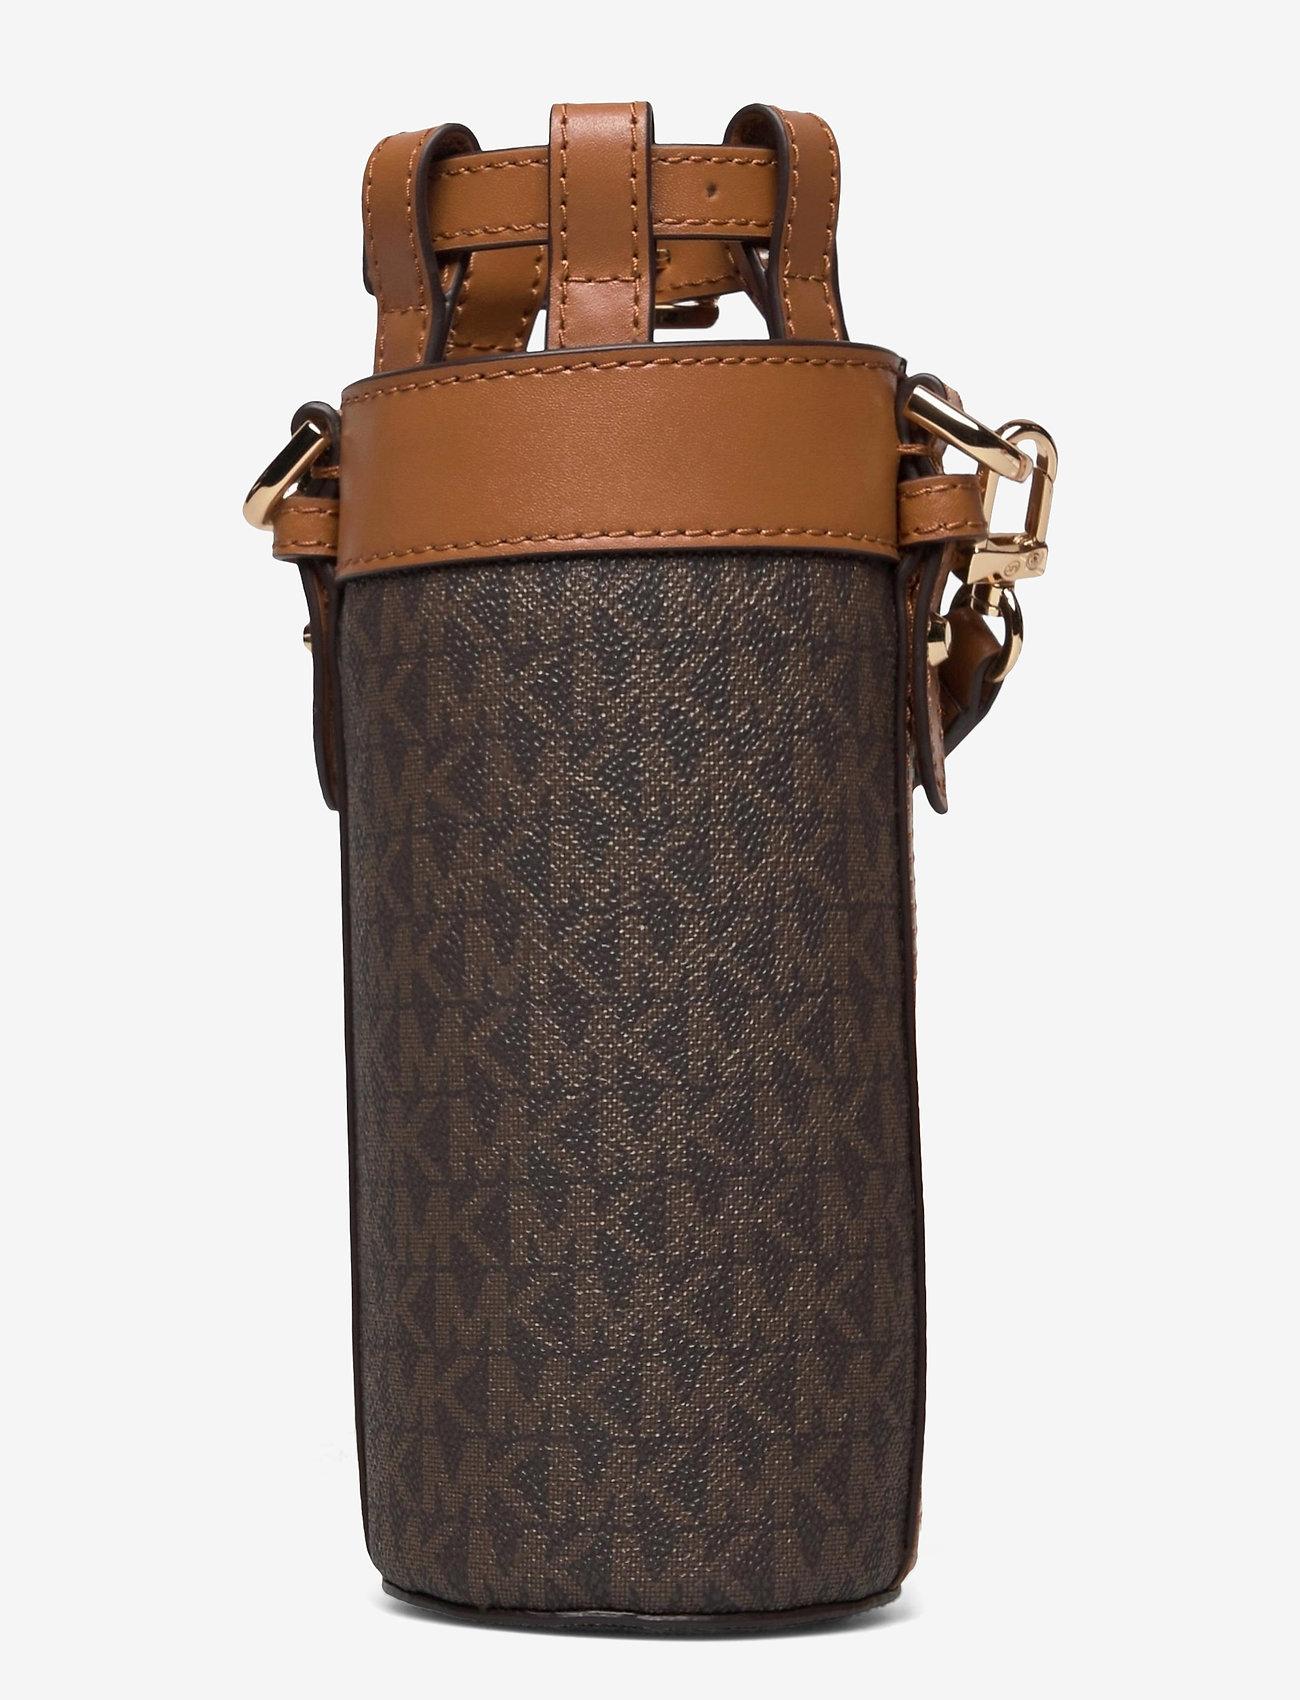 Michael Kors - LG BOTTLE HOLDER - vannflasker og termoser - brn/acorn - 1